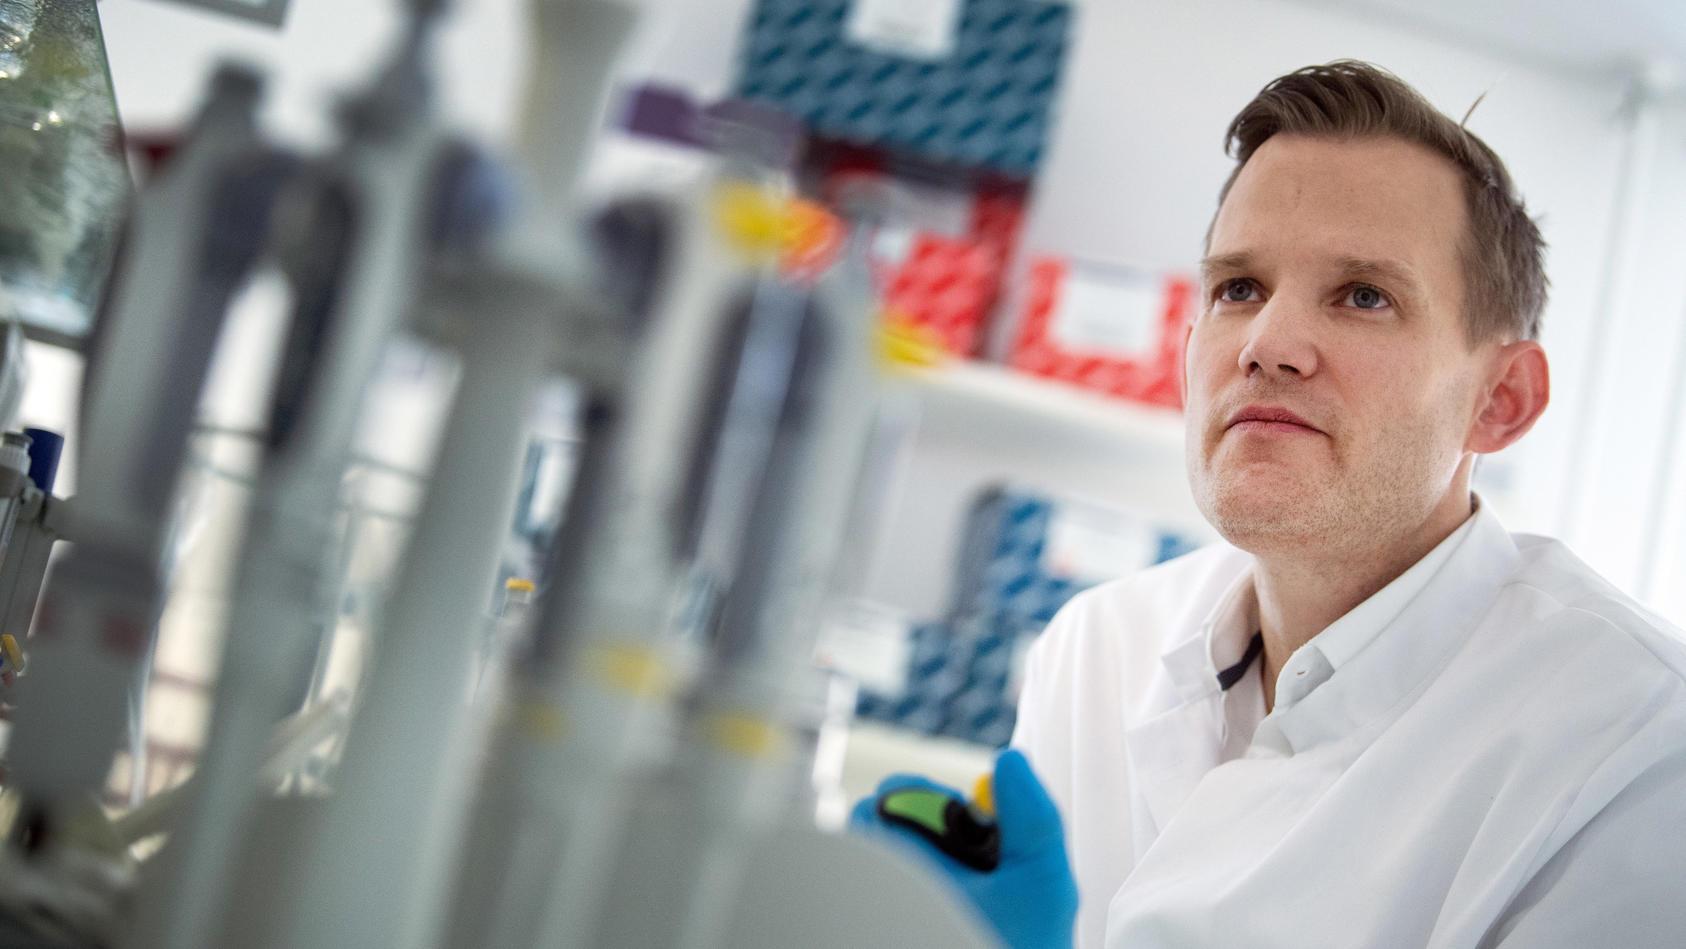 Wenn es nach dem Bonner Virologen Hendrik Streeck geht, sollte man Studien abwarten, bevor man AstraZeneca-Geimpften einen mRNA-Impfstoff als Zweitdosis anbietet.